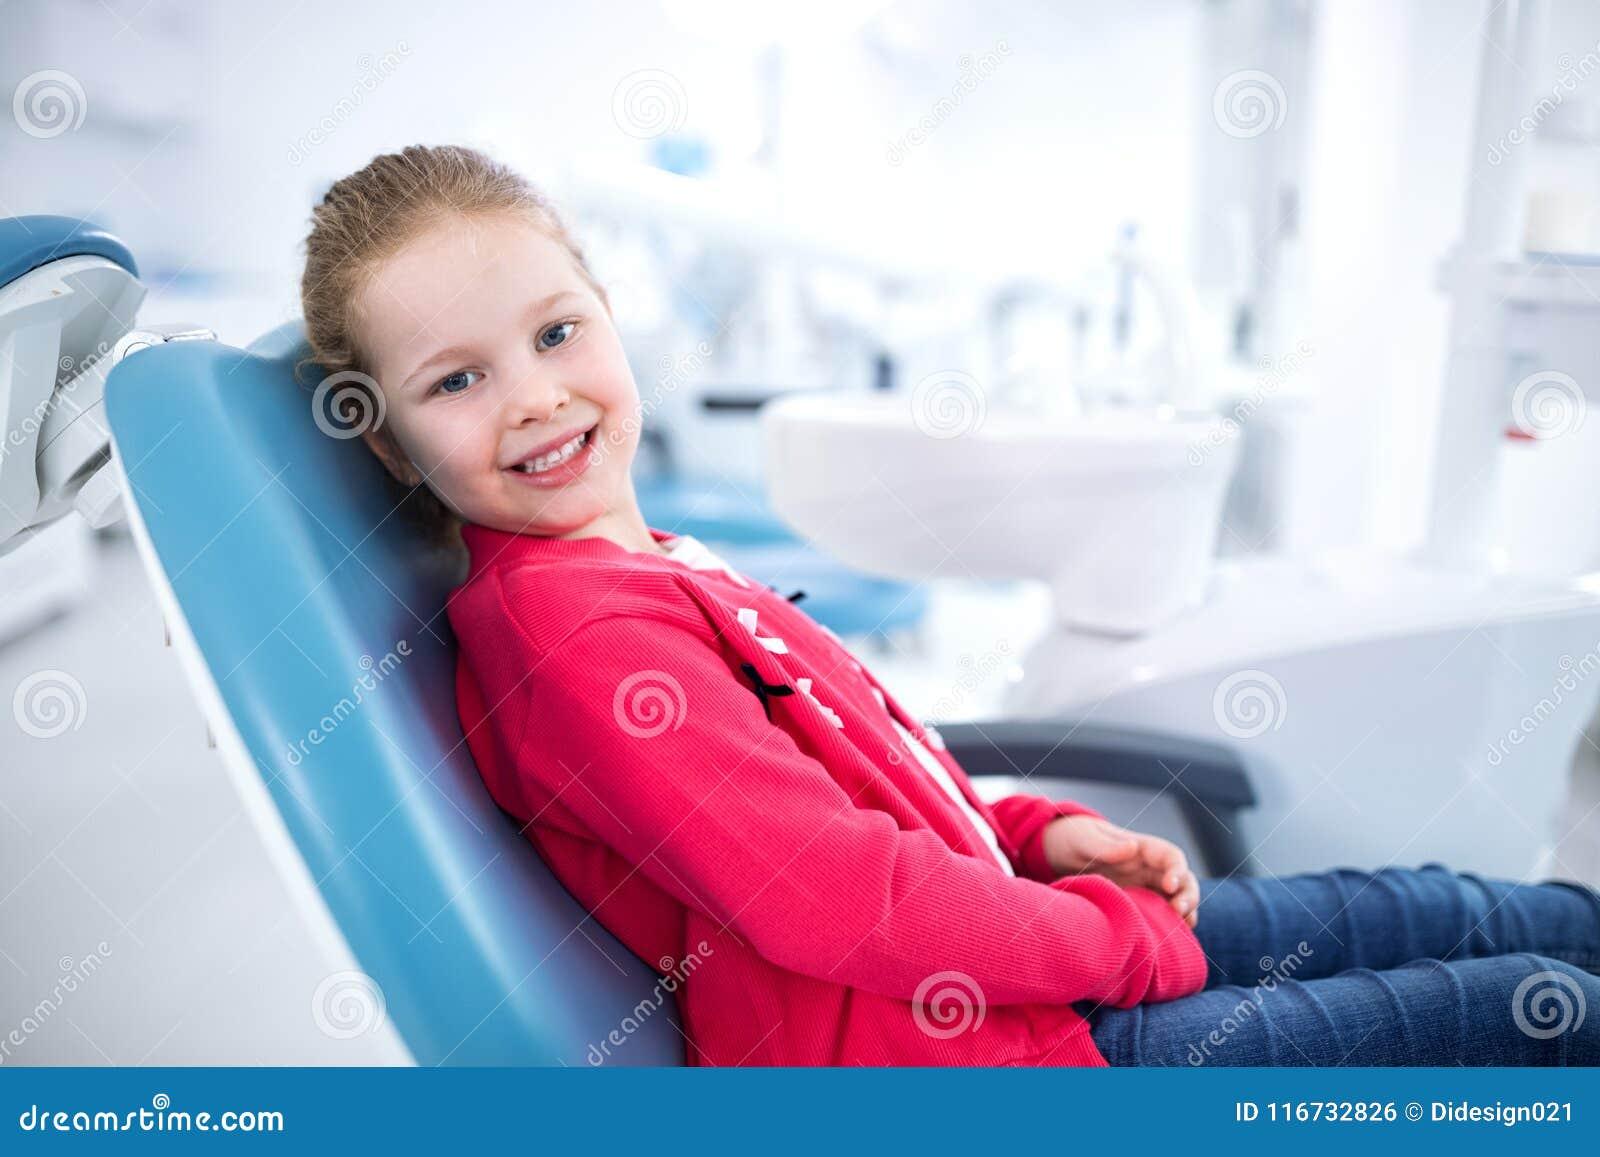 Piękna uśmiechnięta mała dziewczynka w stomatologicznym biurze